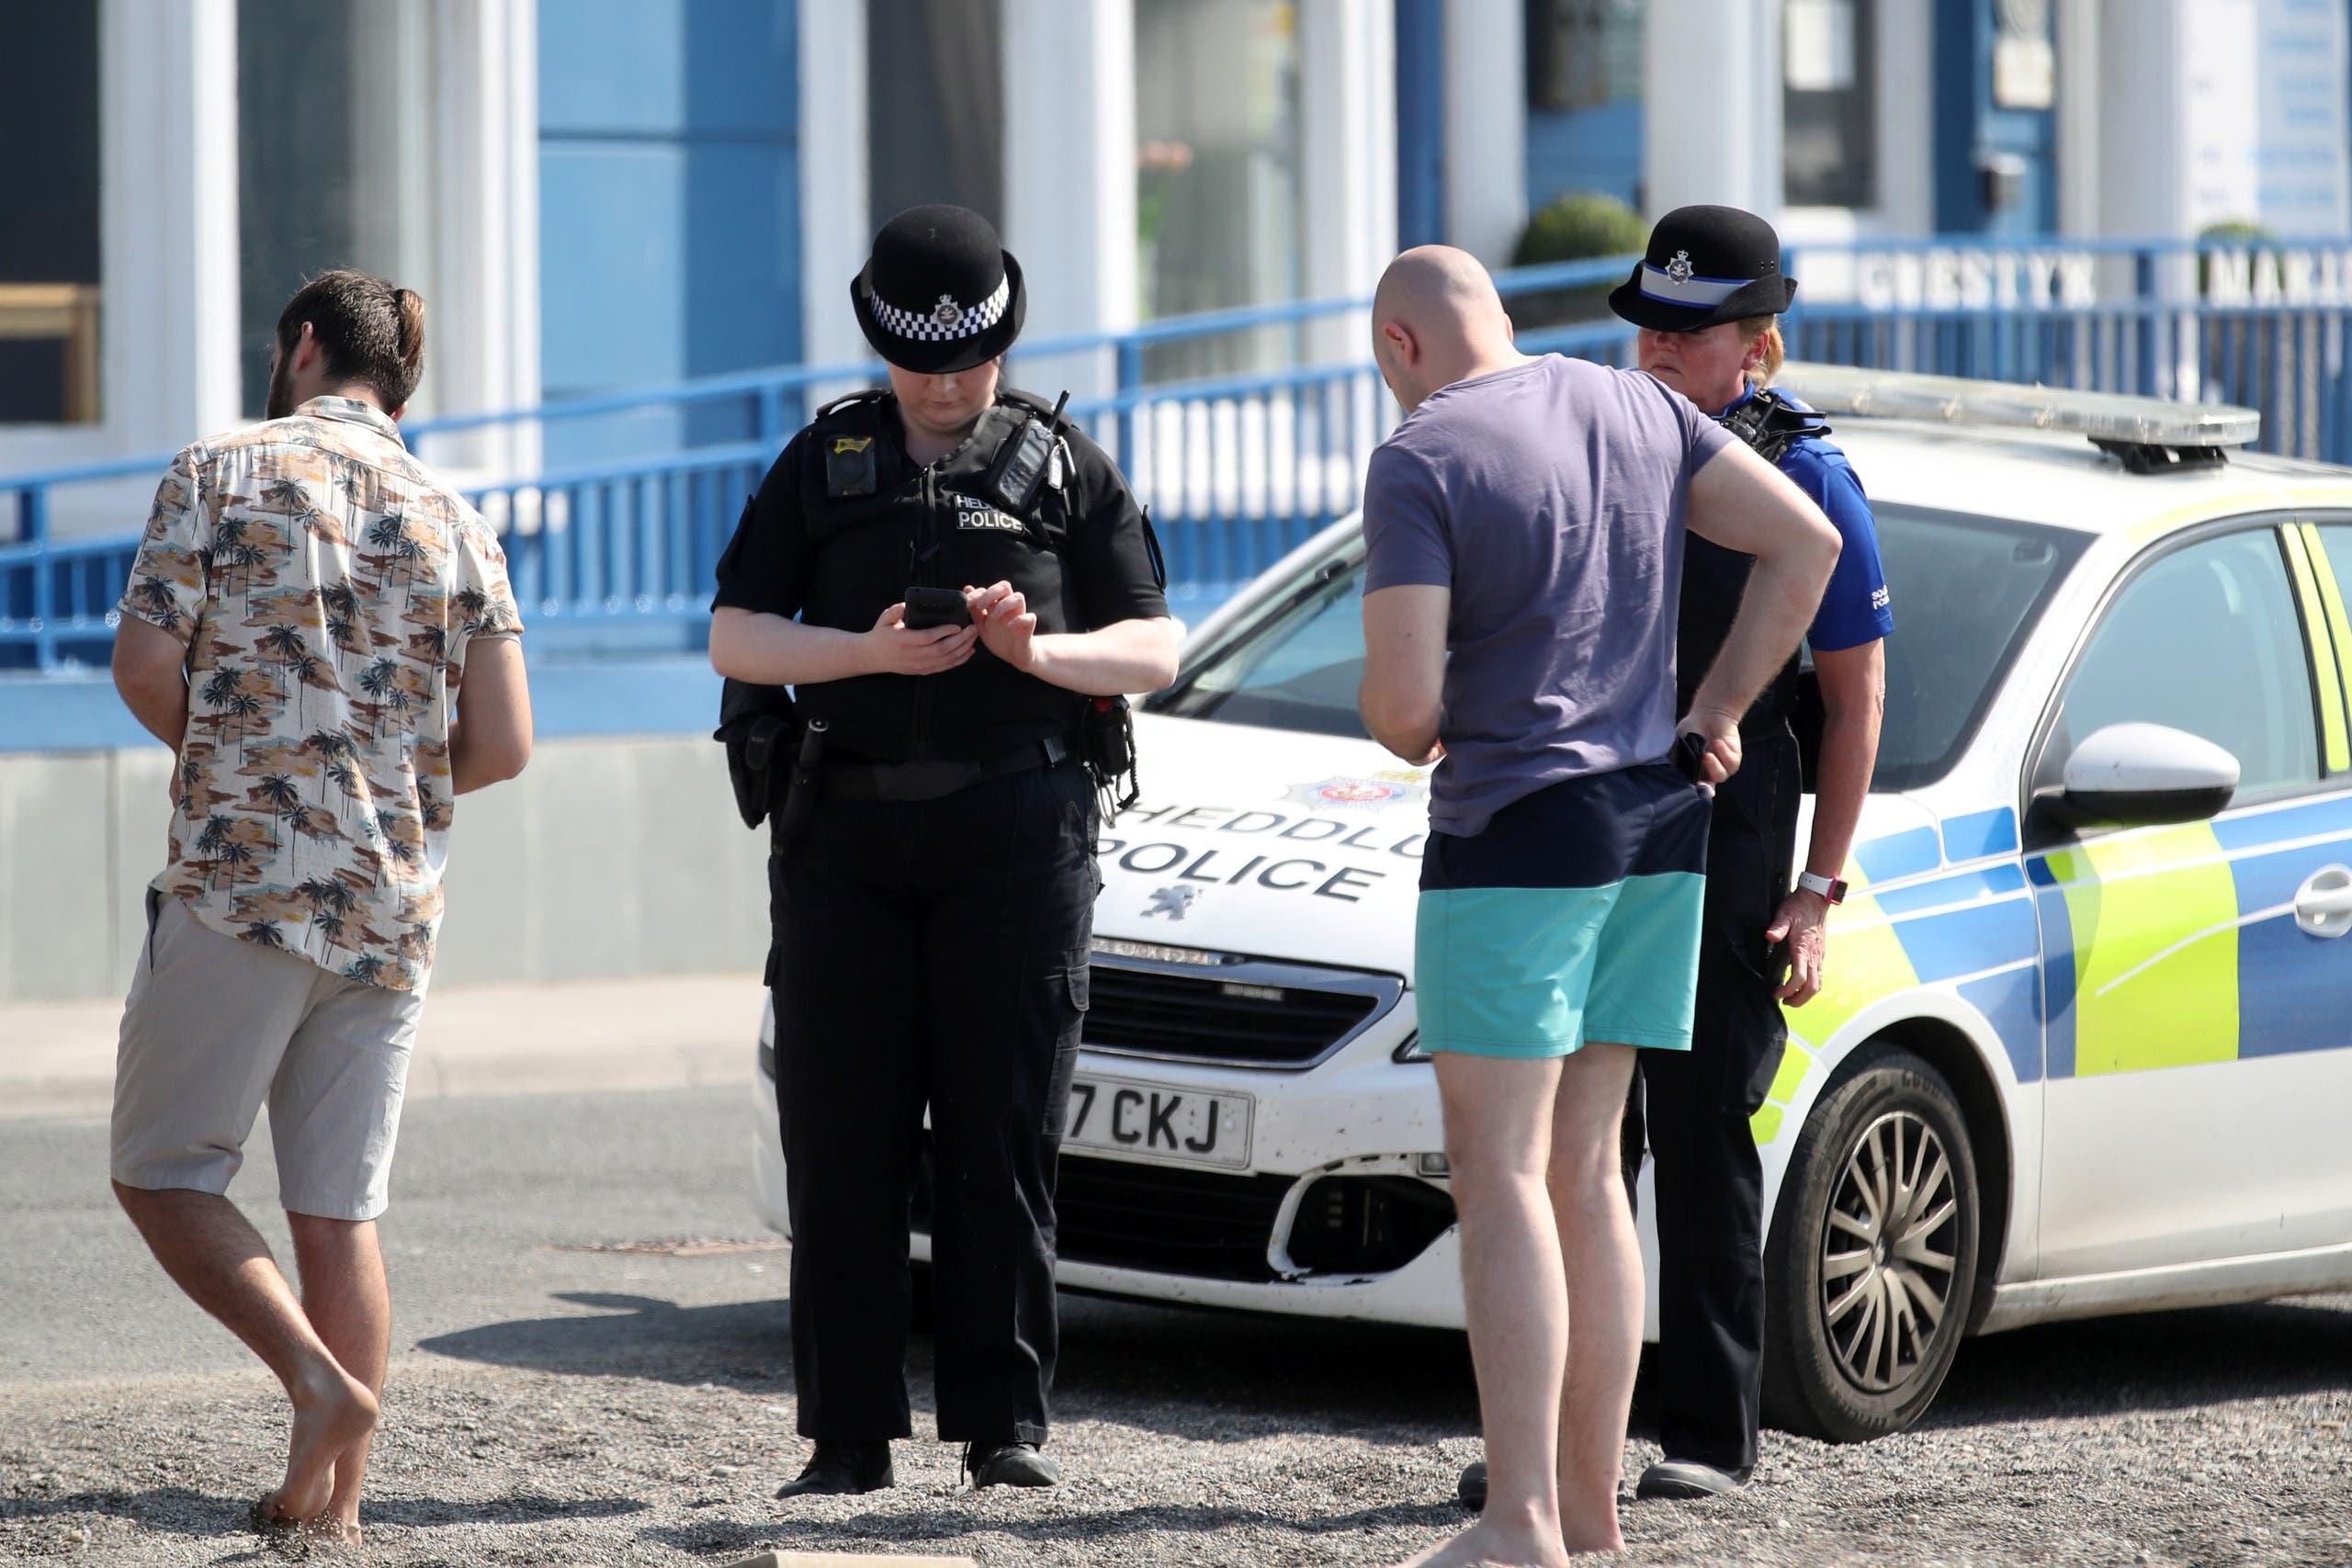 شرطيتان تتحدثان مع رجلين لم يحترما الإغلاق في ويلز بالمملكة المتحدة وكانا يلعبان على الشاطئ